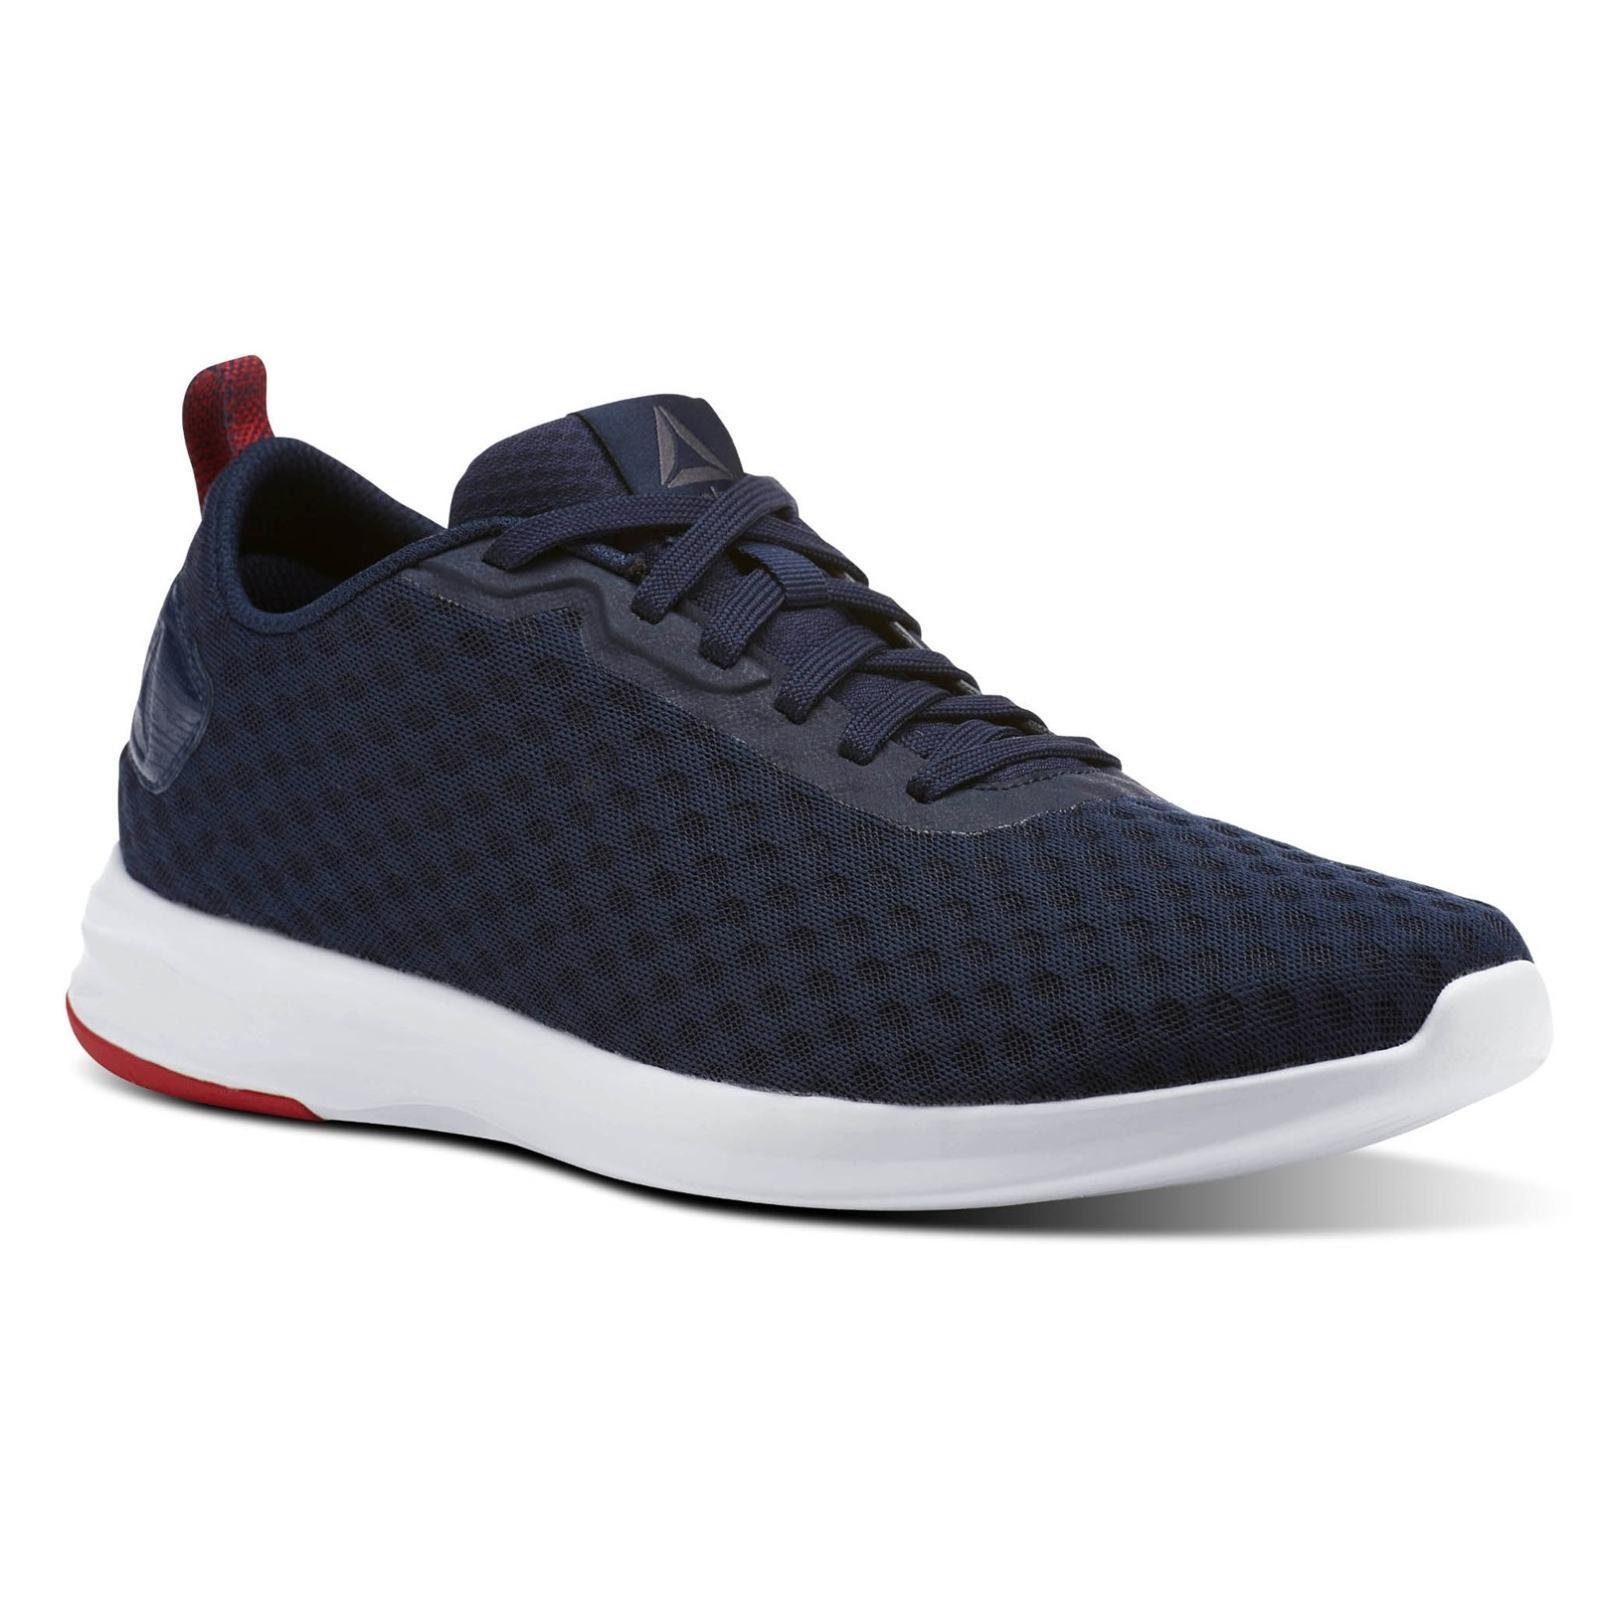 کفش پیاده روی بندی مردانه ASTRO WALK 60 - ریباک - سرمه ای - 5